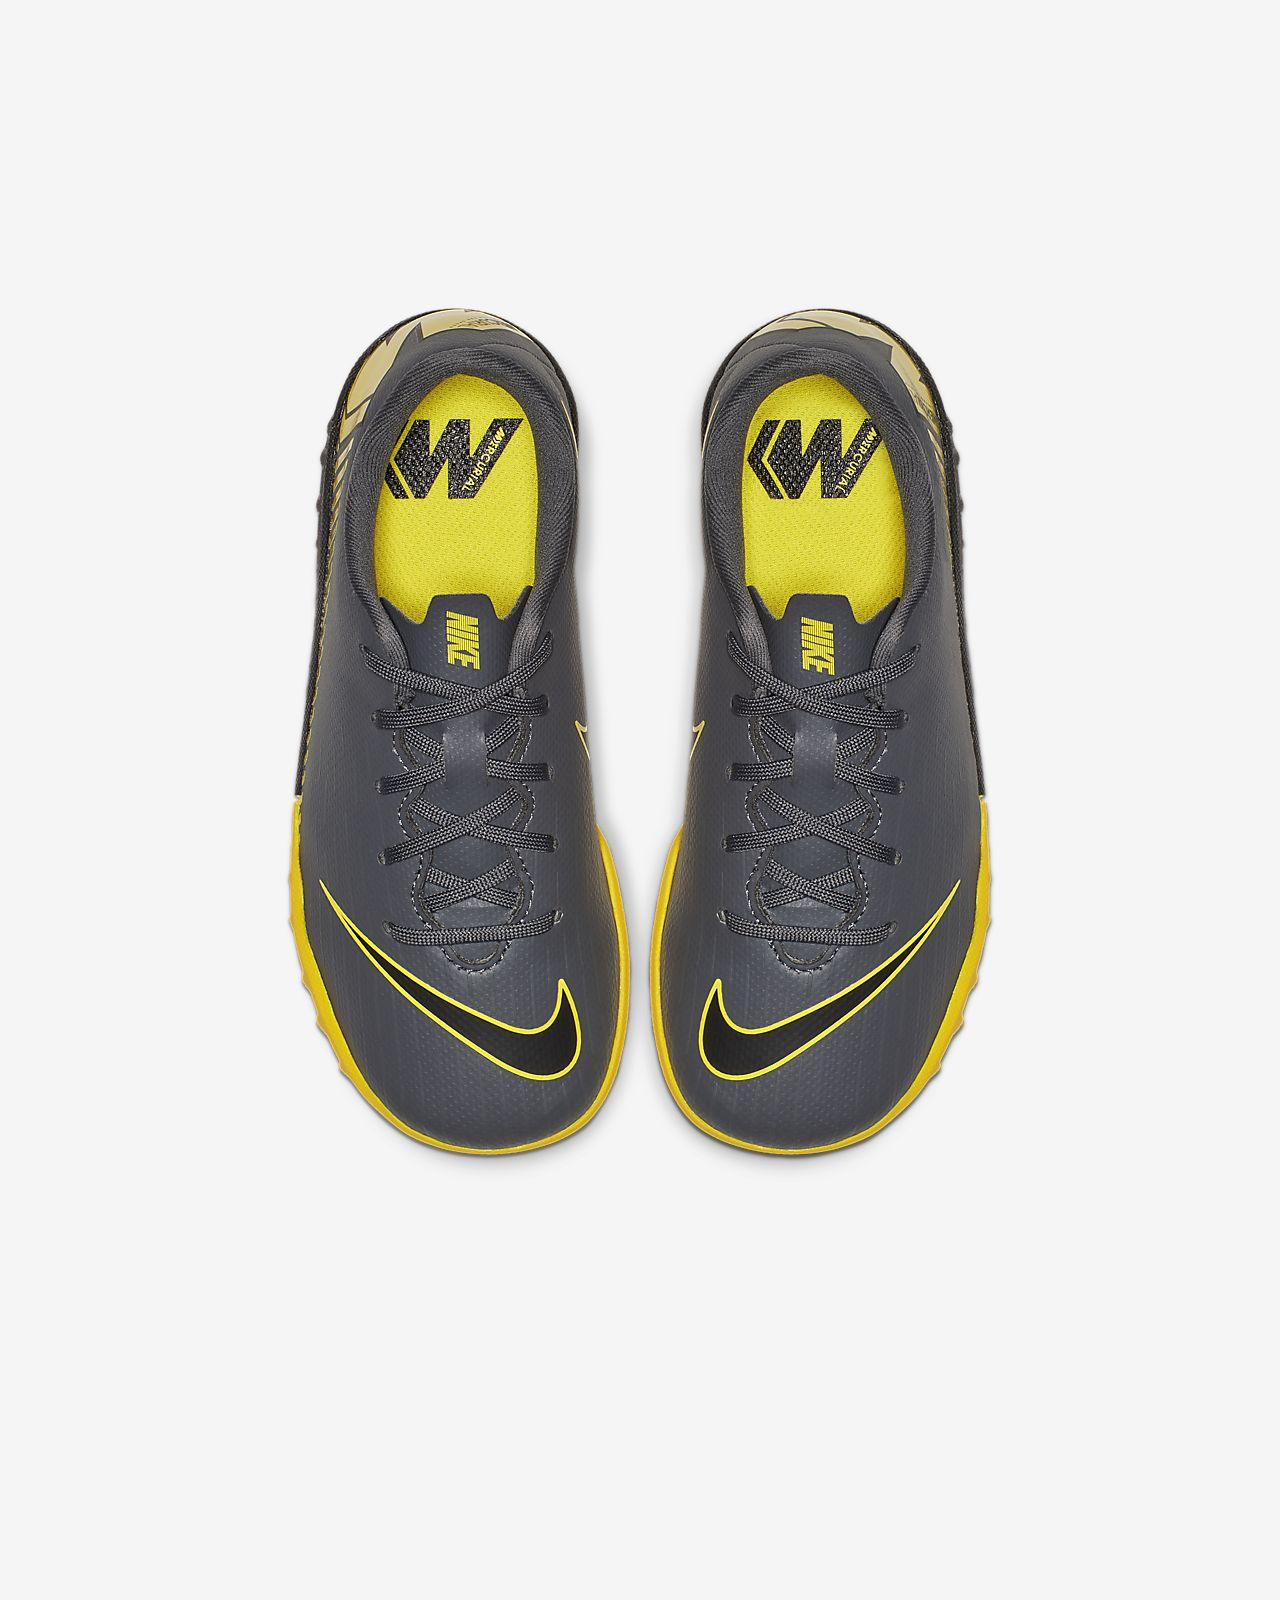 ... Nike Jr. MercurialX Vapor 12 Academy TF Botas de fútbol para moqueta -  Turf - aa8371972781e